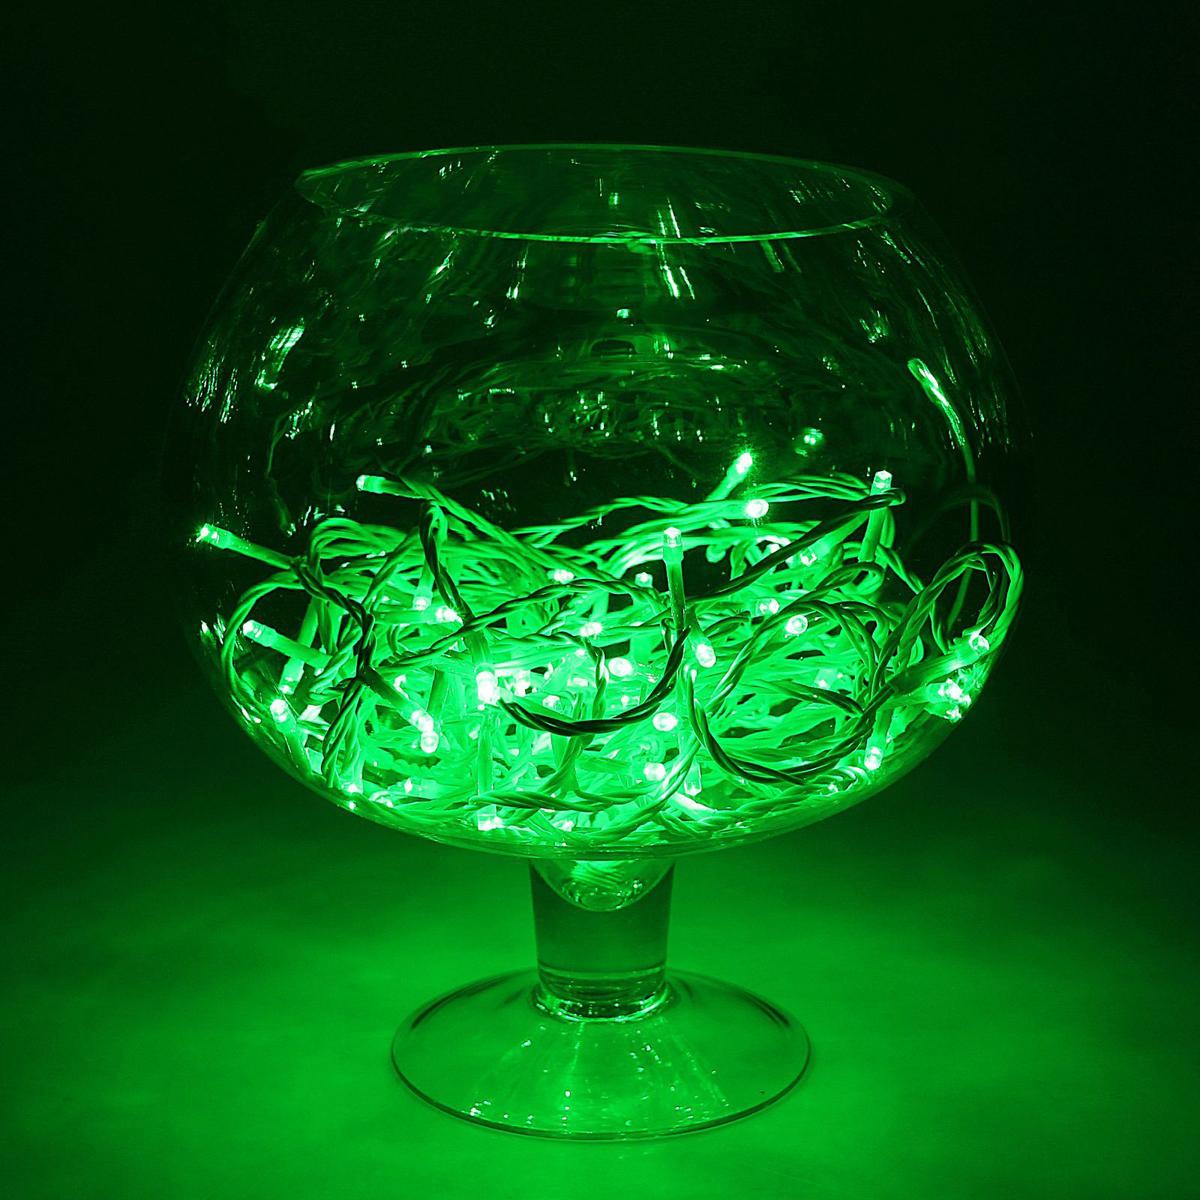 Гирлянда светодиодная Luazon Метраж, уличная, 100 ламп, 24 V, 10 м, цвет: зеленый. 1586015